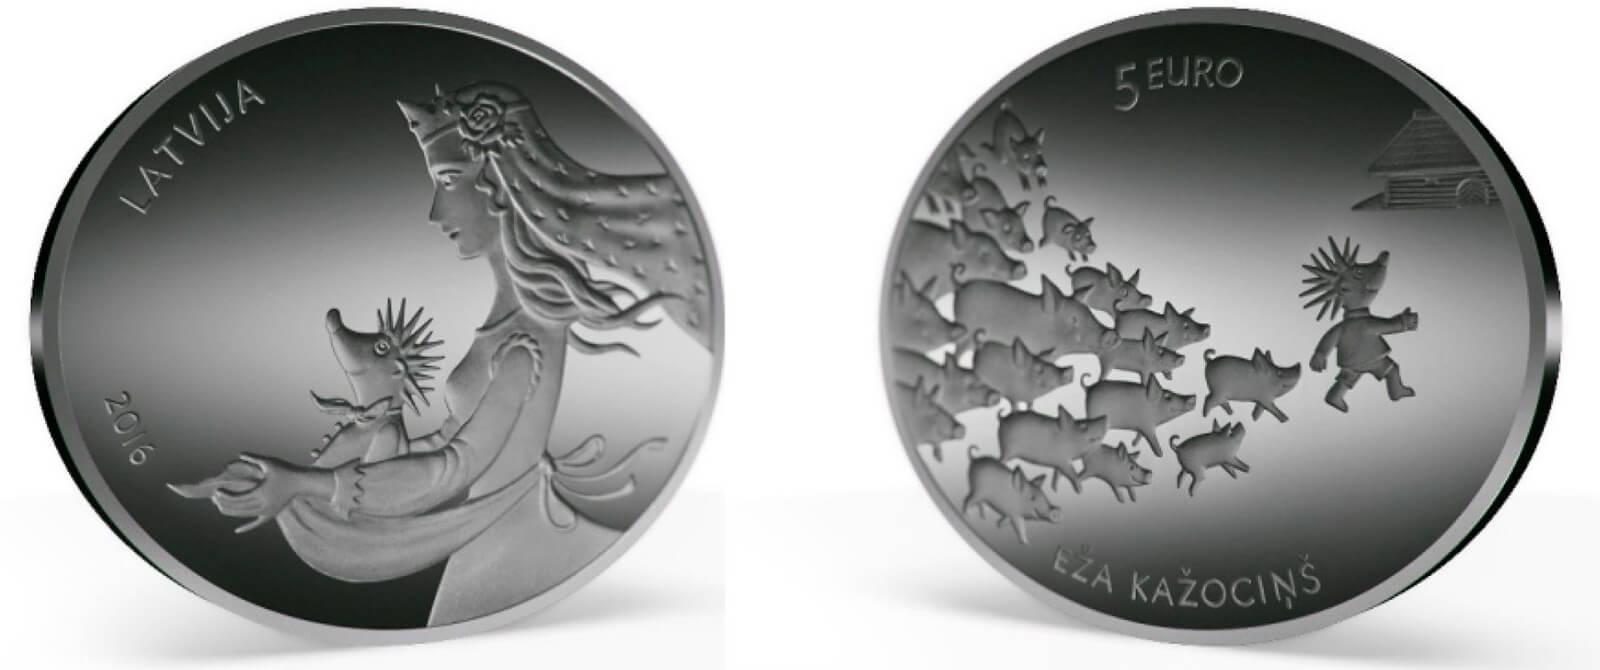 Latviška penkių eurų moneta